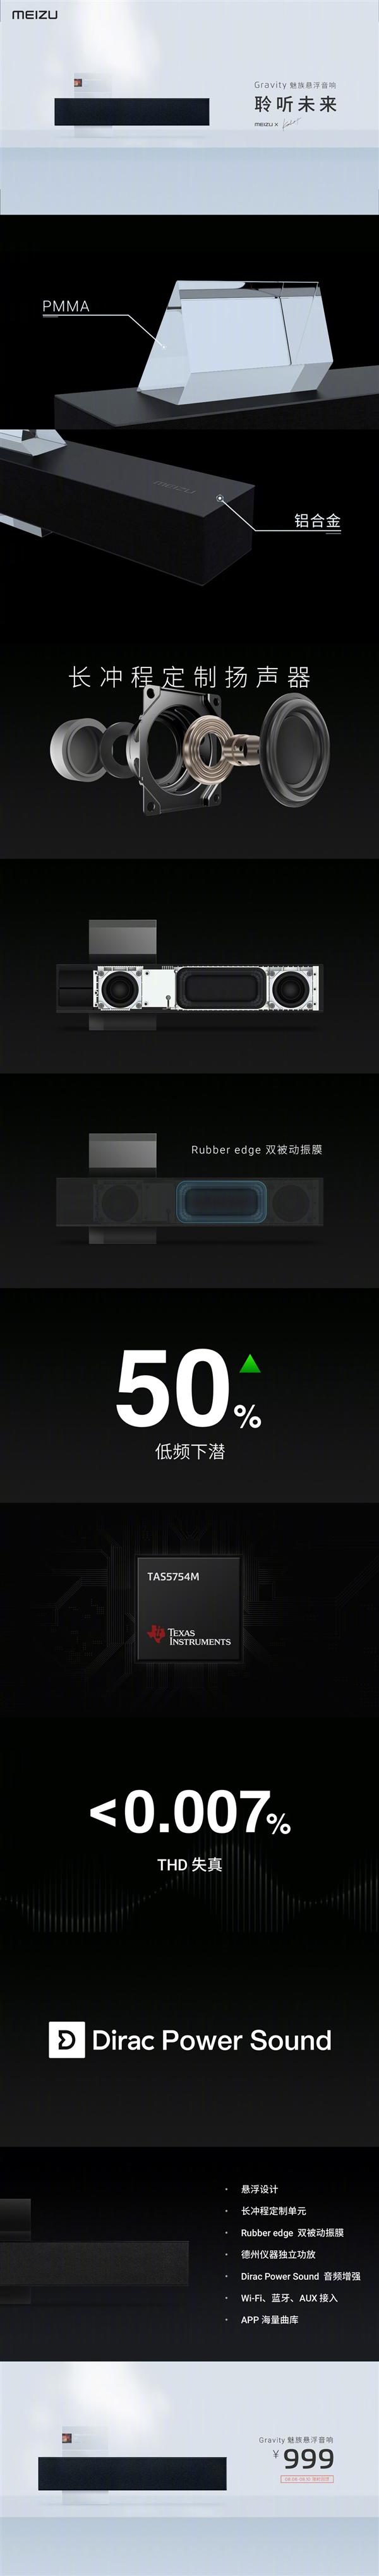 Колонка Meizu Gravity с улетным звуком наконец-то выходит на рынок